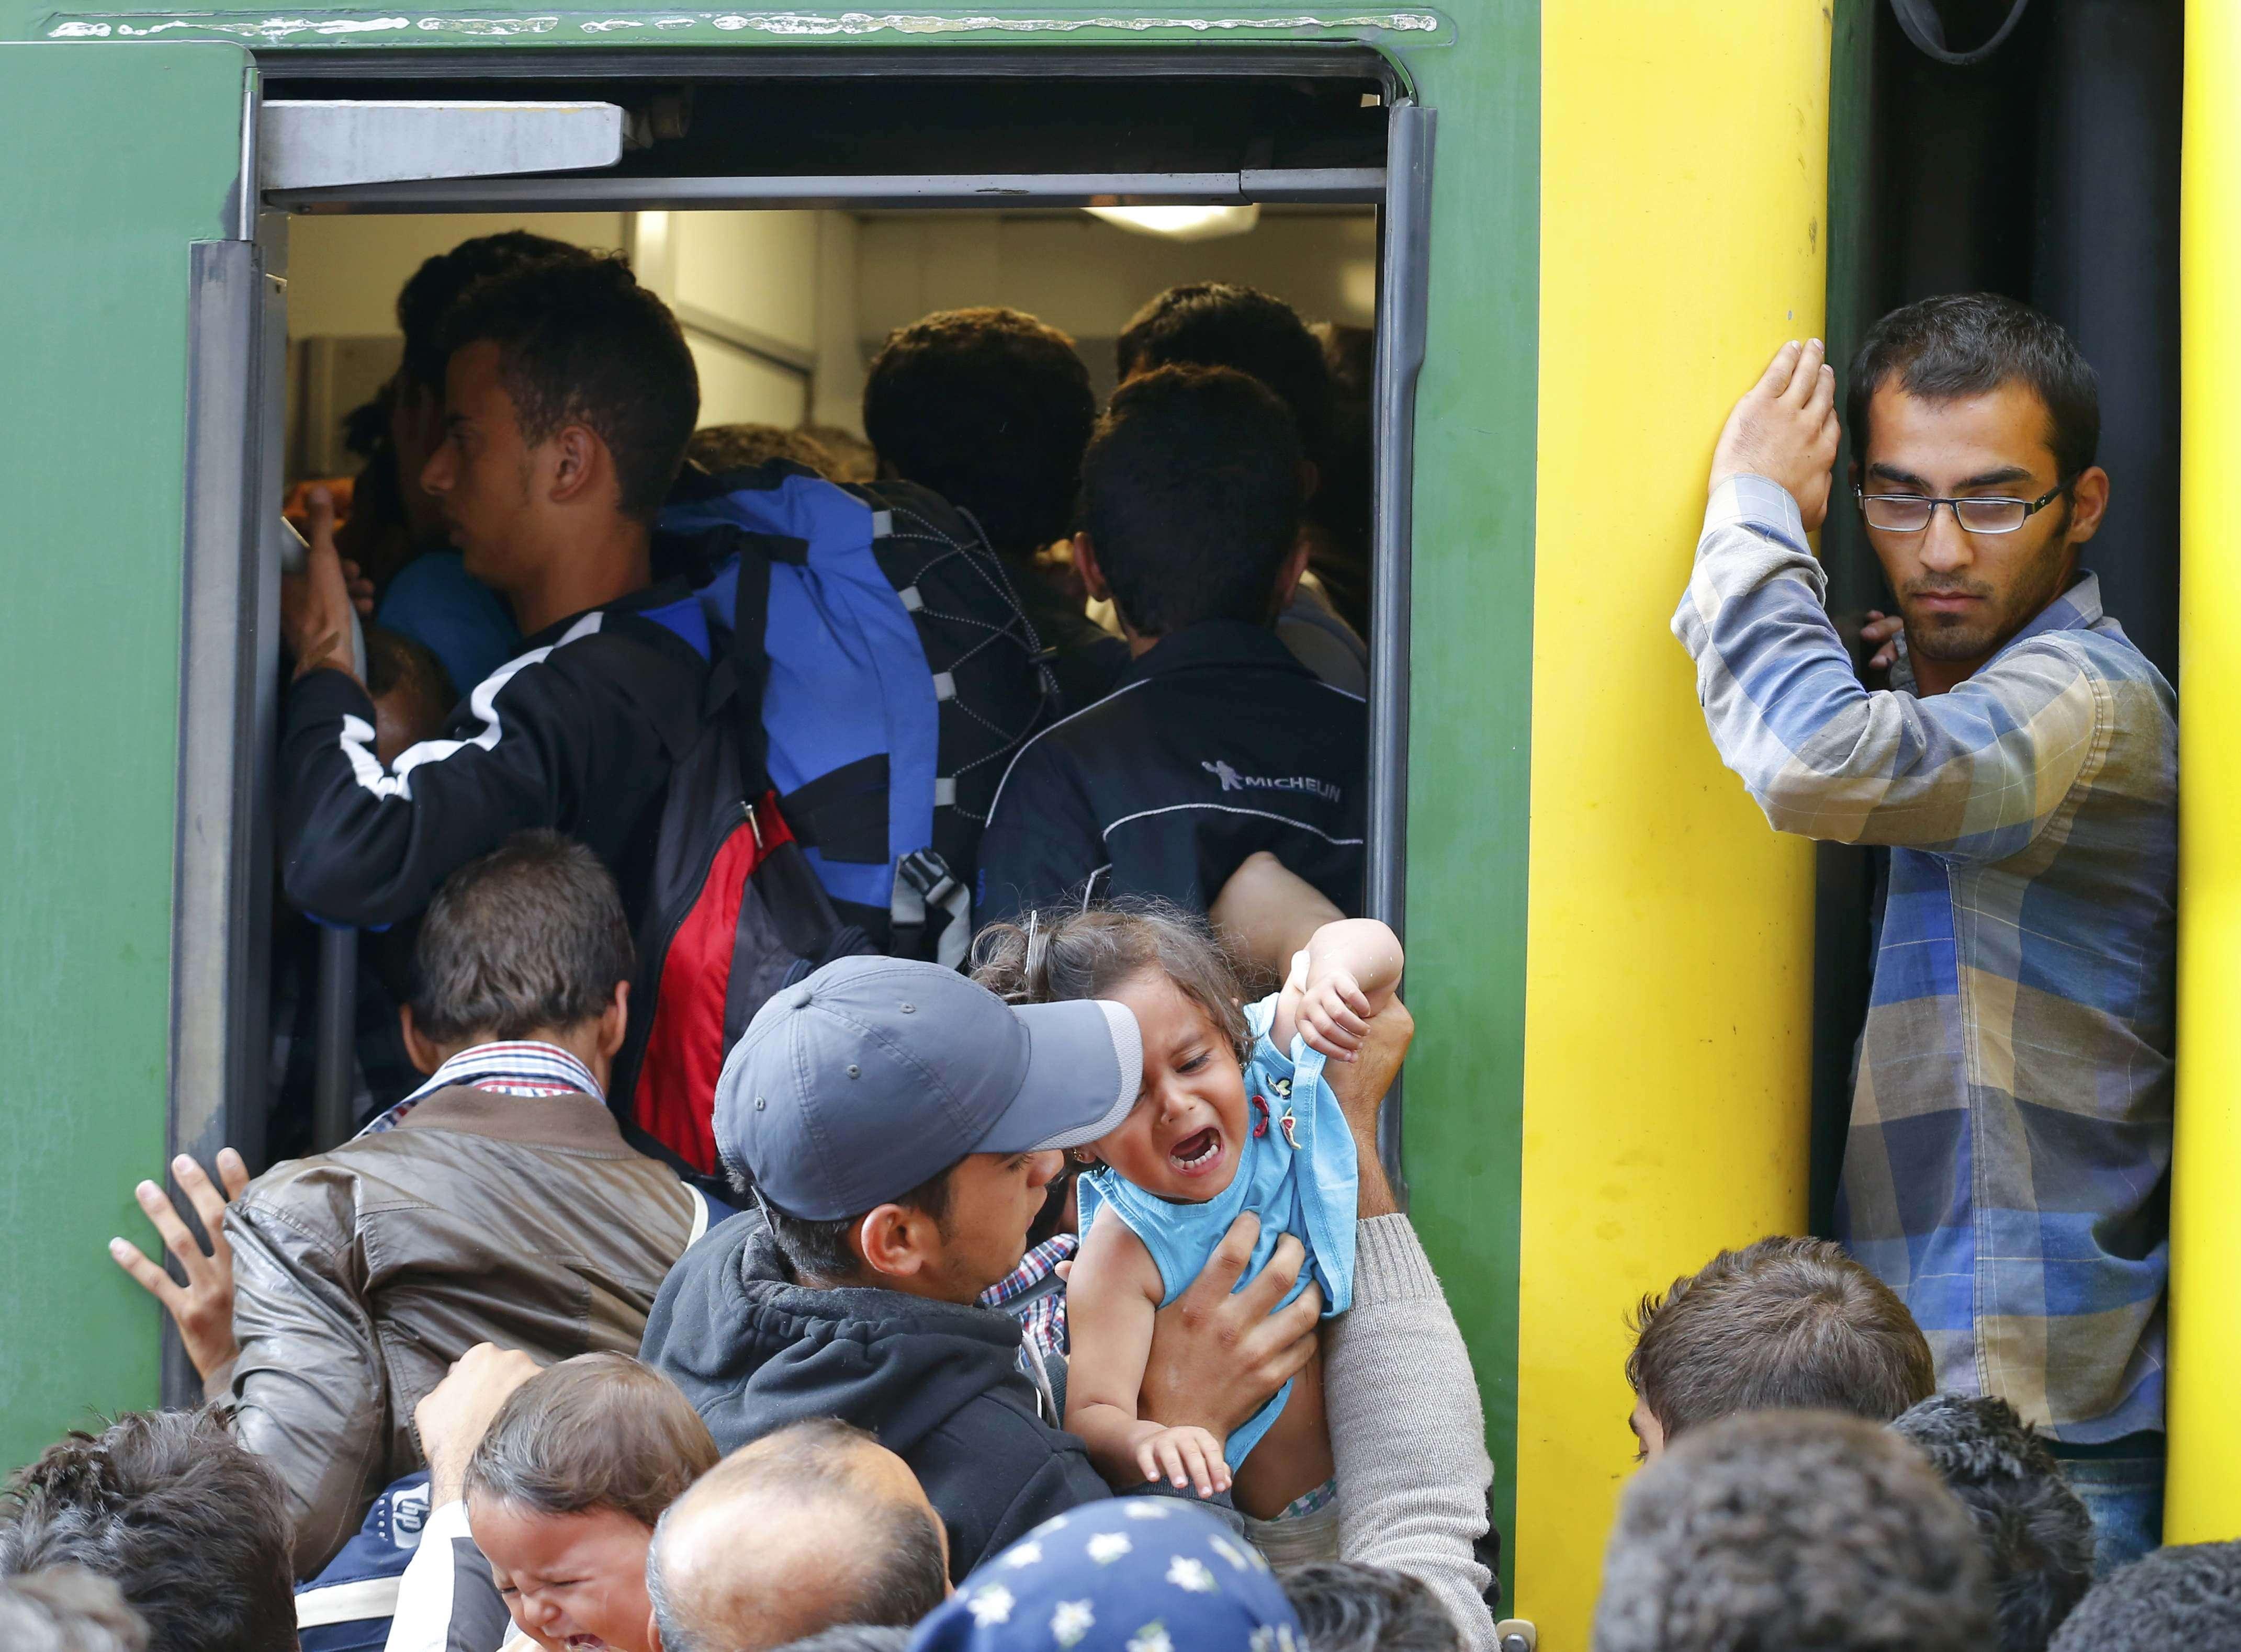 Orice loc e bun în trenul imigranţilor, chiar şi între vagoane (Foto: Reuters/Laszlo Balogh)